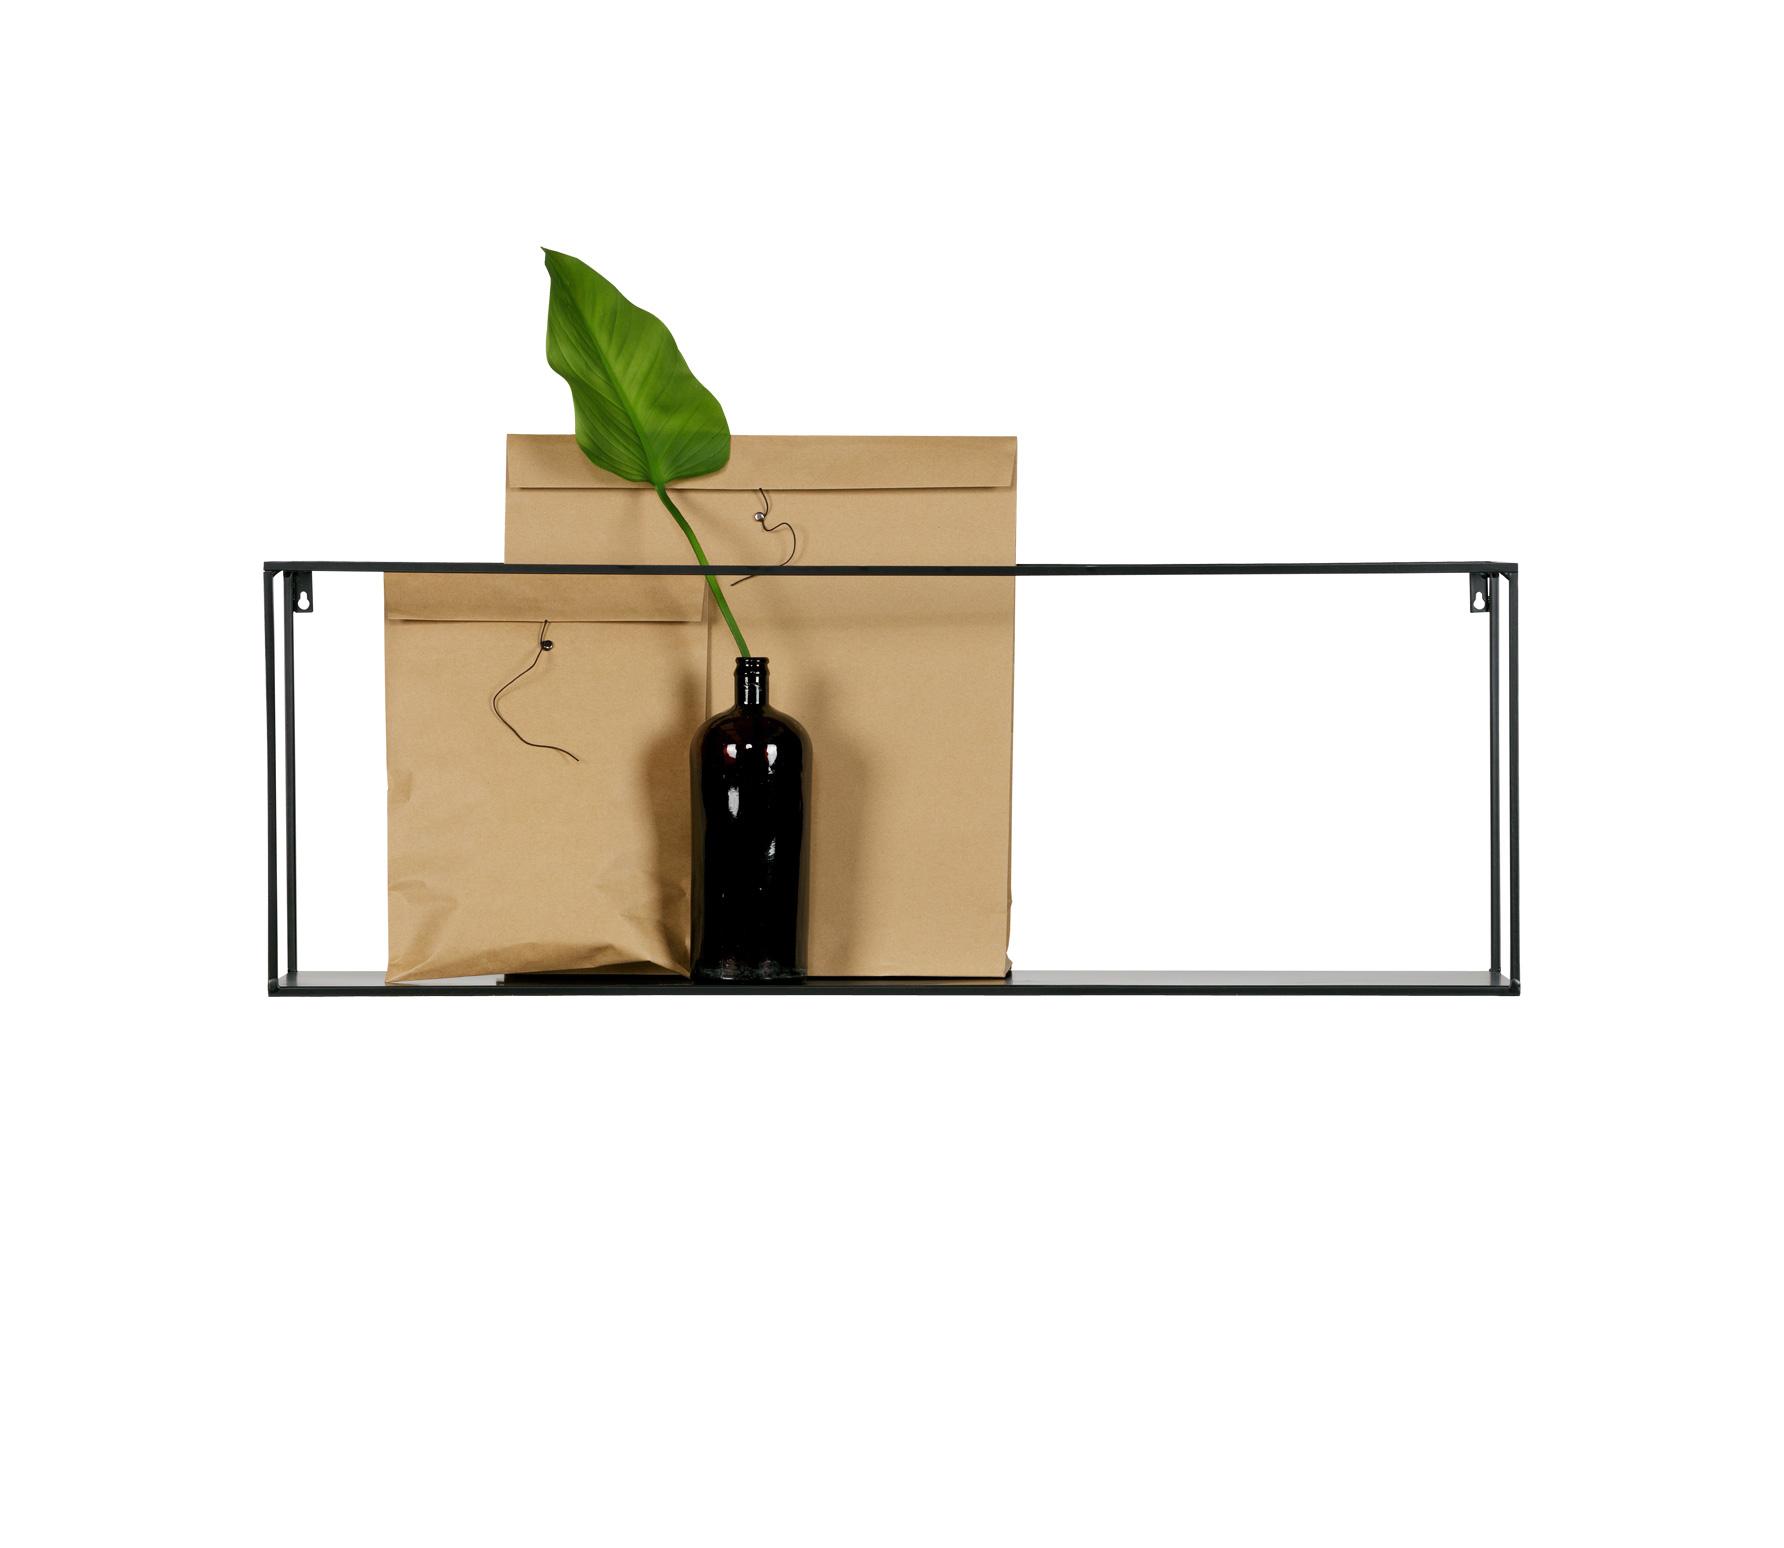 Wandplank Zwart Metaal.Woood Connect Wandplank Set Van 2 Zwart Globosplaza Com